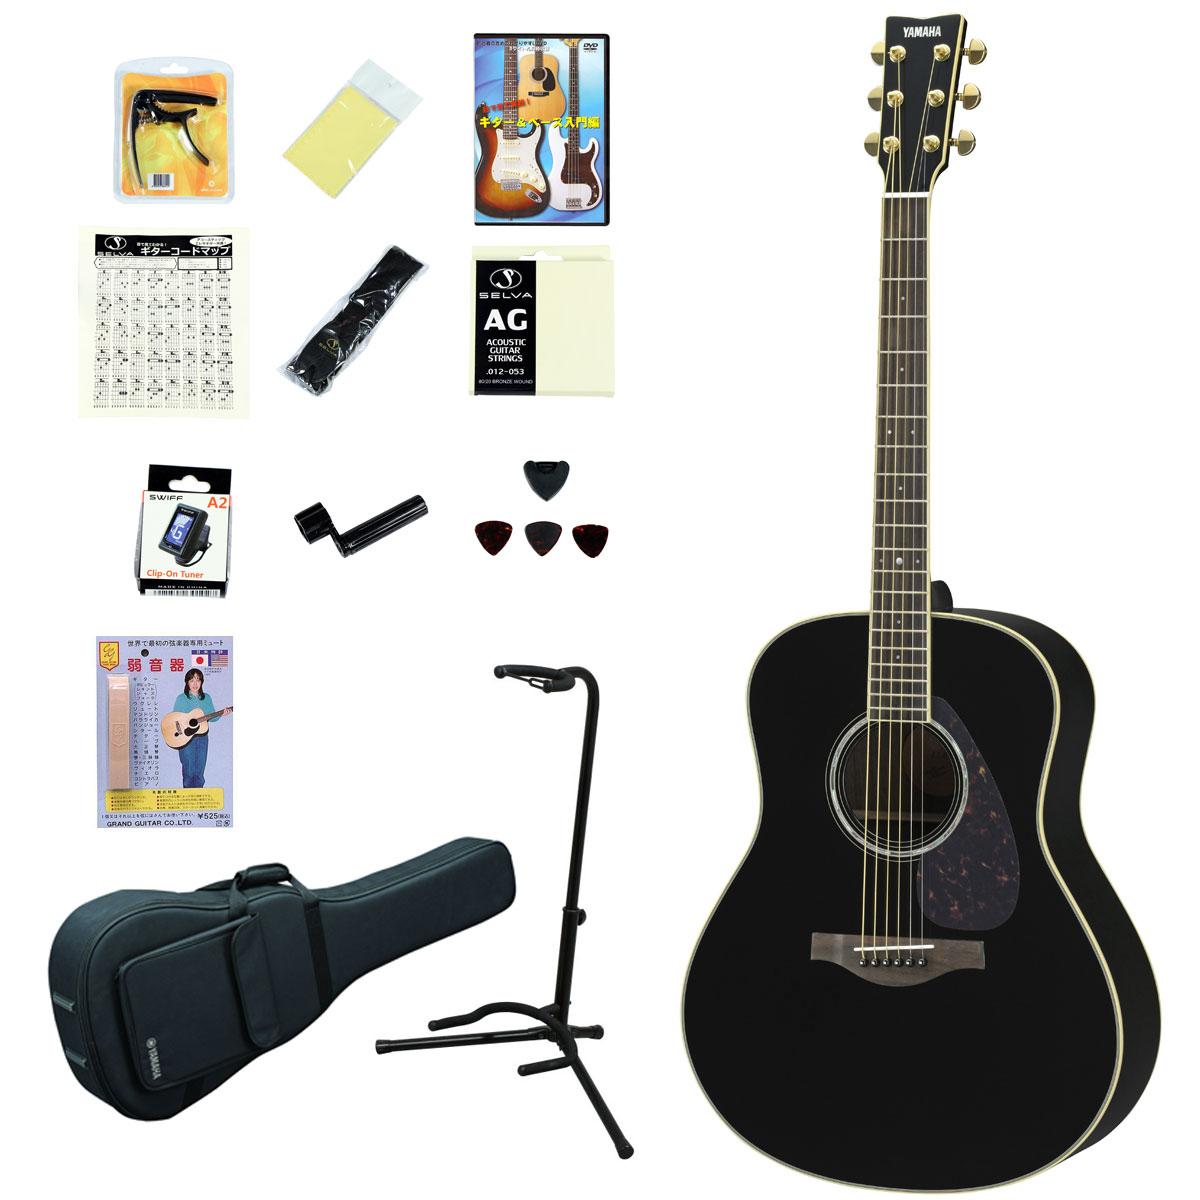 YAMAHA / LL6 ARE BL(ブラック) 【アコースティックギター15点入門セット!】 LL6ARE LL-6 入門 初心者【YRK】